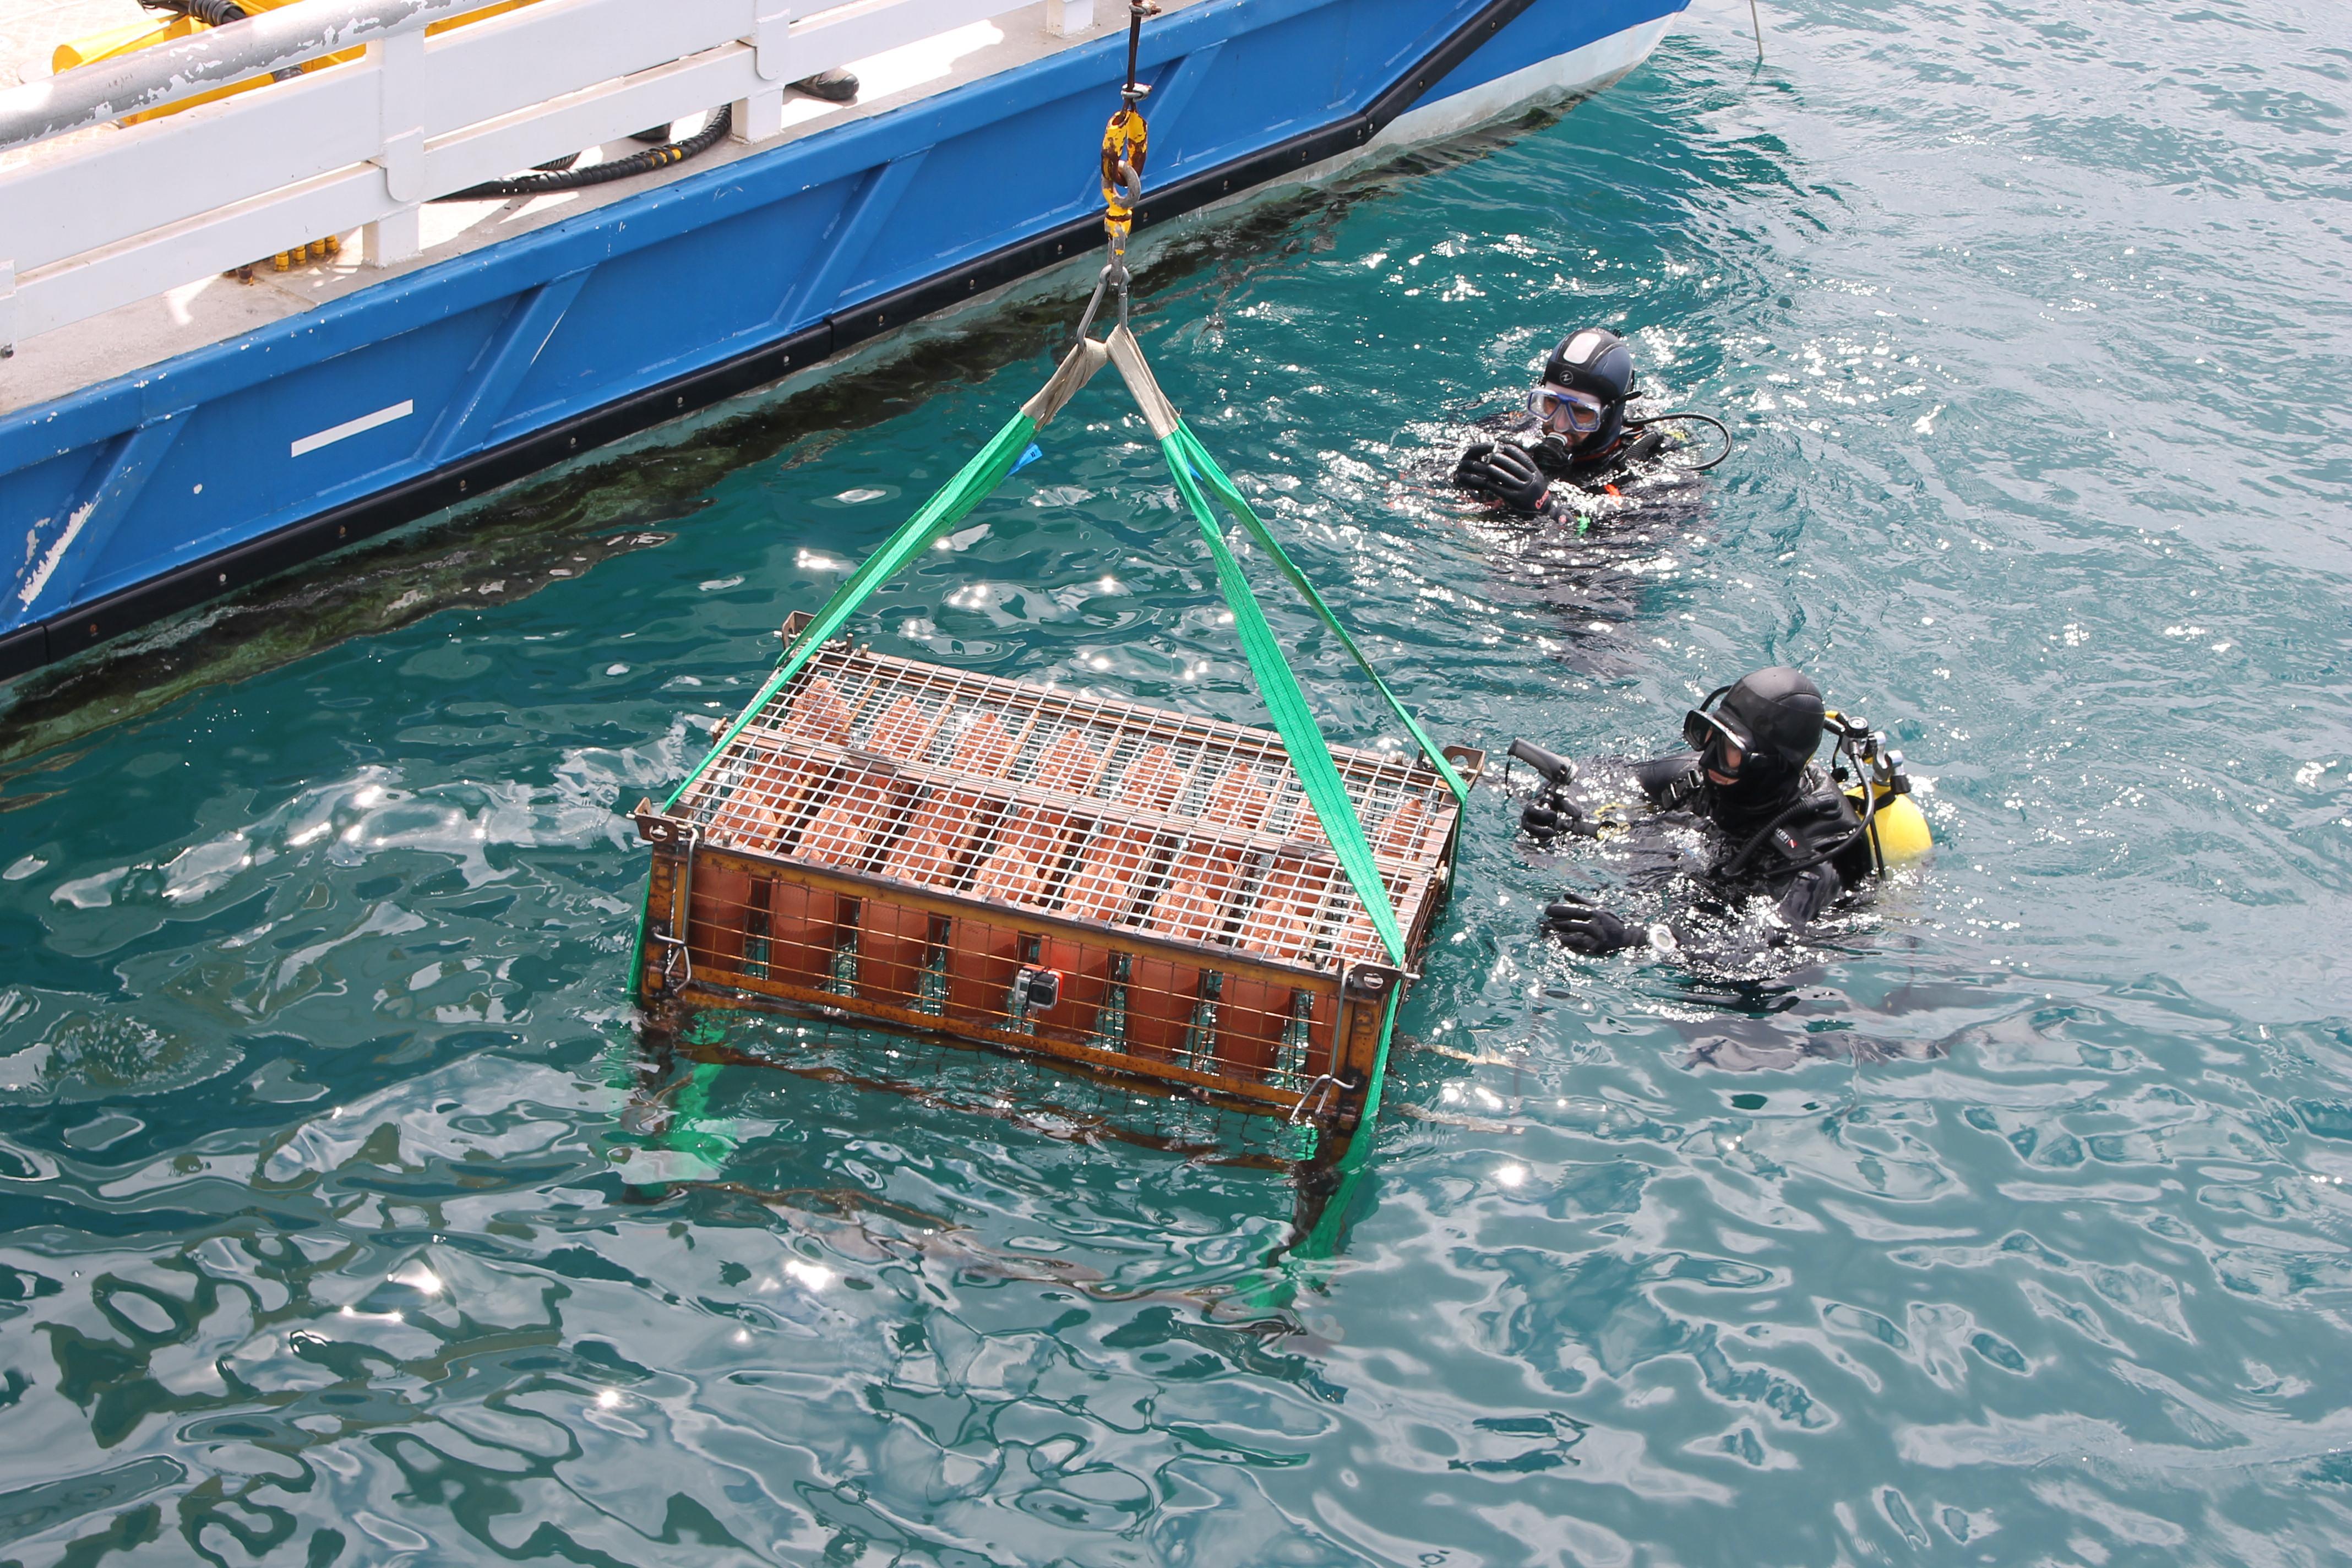 L'Hotel Cala Jóncols de Roses impulsa amb l'ICSuro un estudi pioner sobre l'evolució del vi submarí